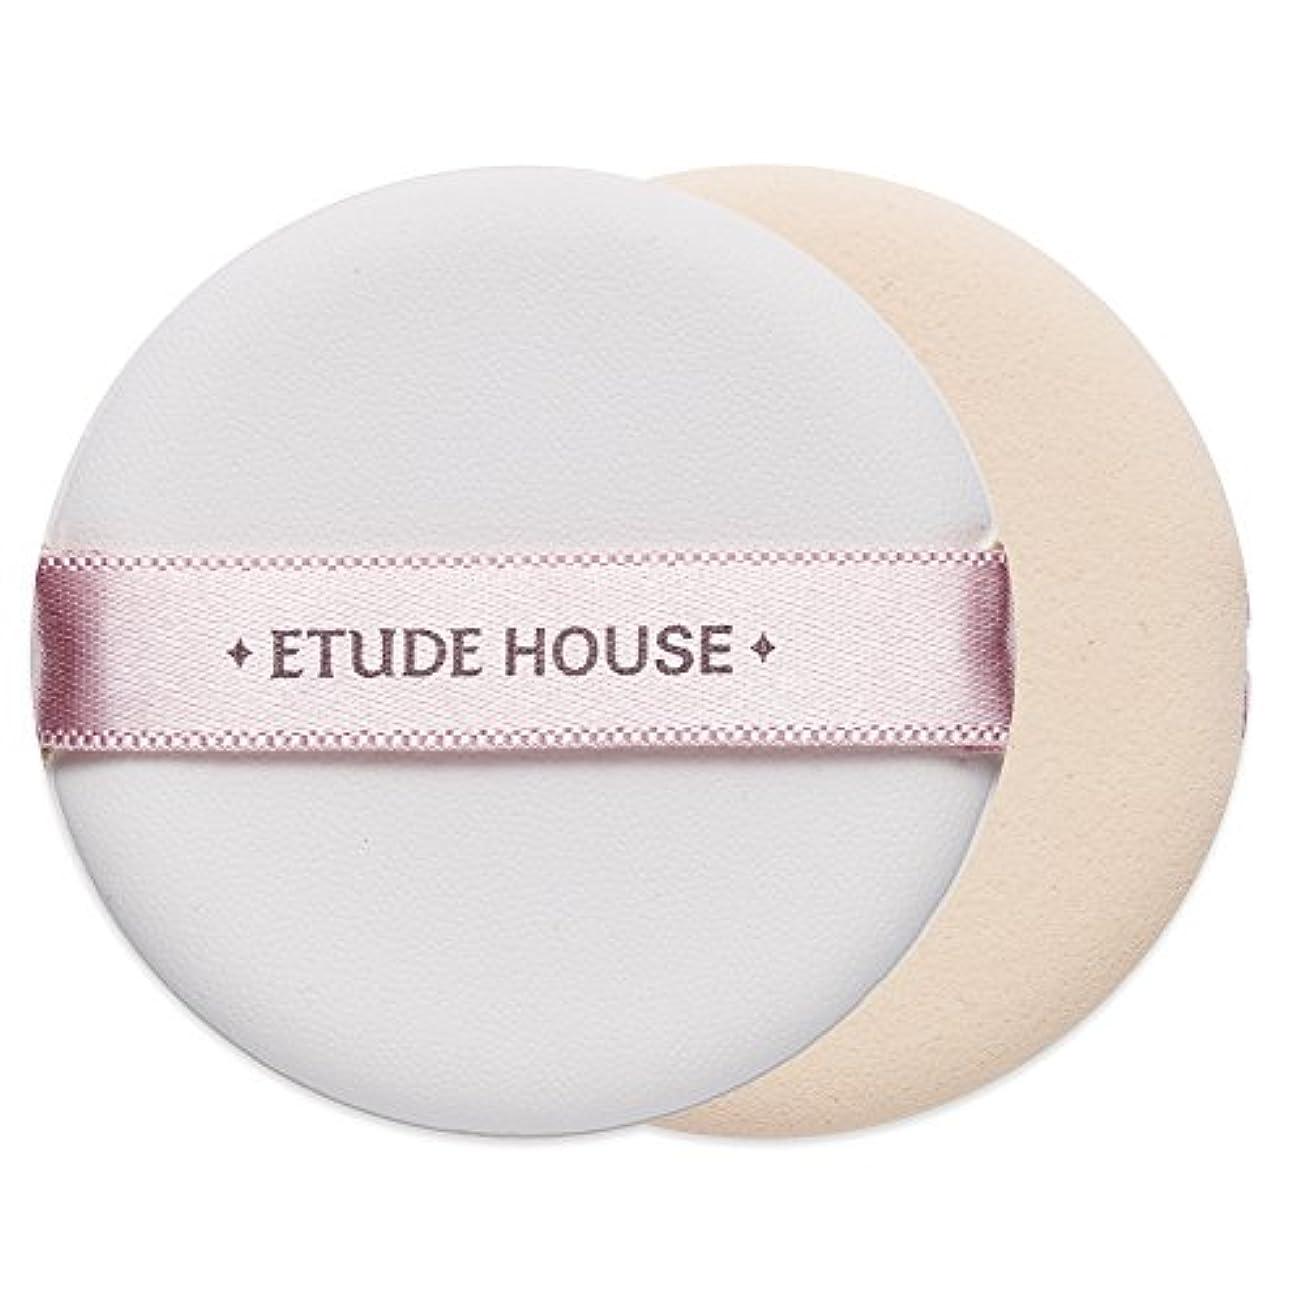 ホバー誇張夫エチュードハウス(ETUDE HOUSE) マイビューティーツール カバーフィッティングパフ 1枚